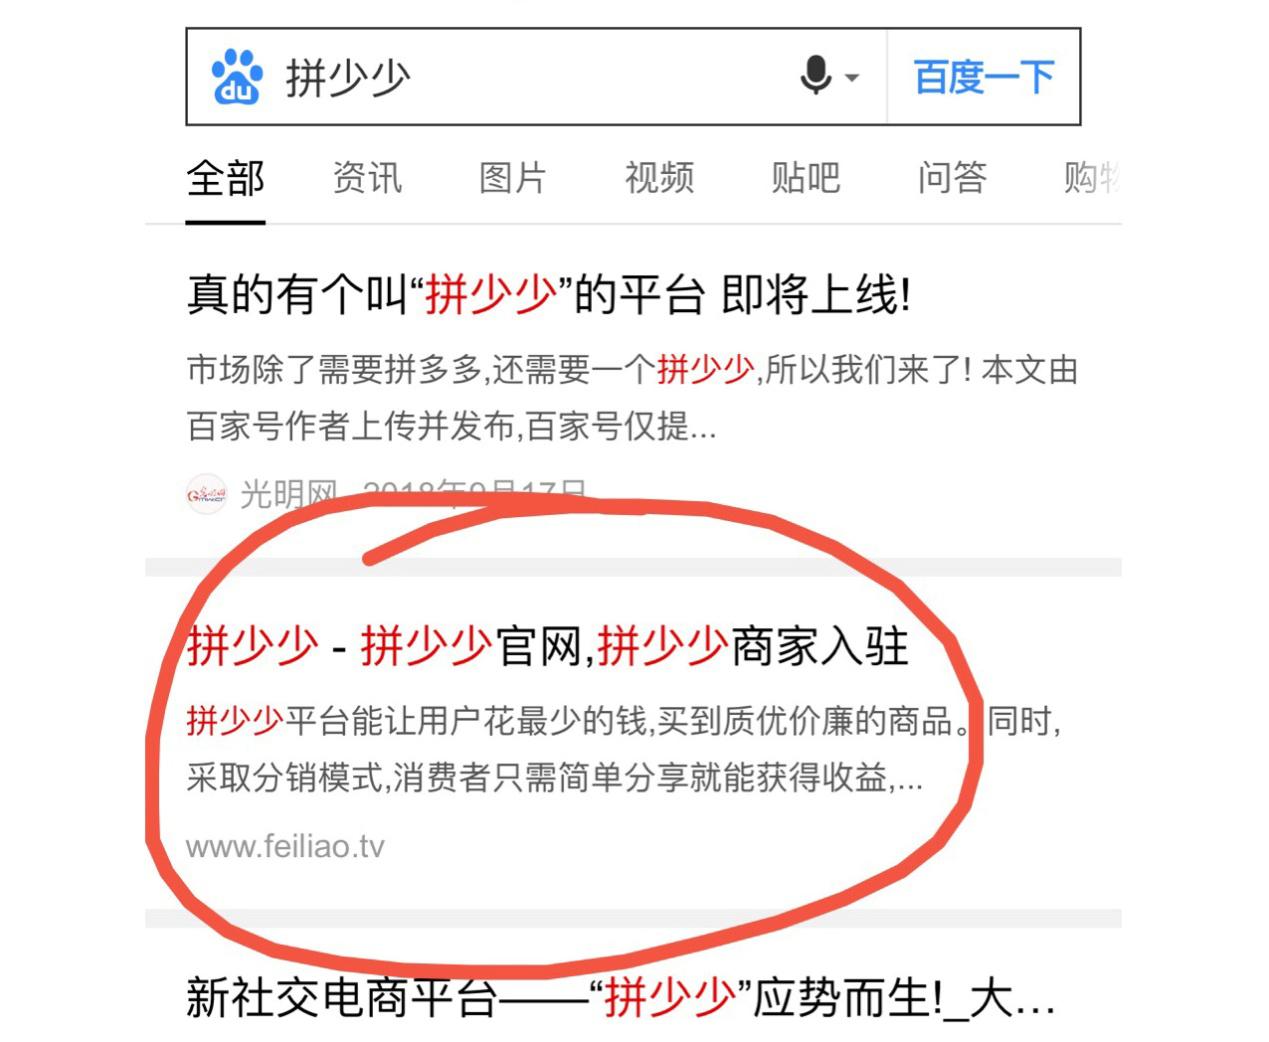 """拼少少平台被山寨,拼少少官方赶紧用""""肥料feiliao"""""""